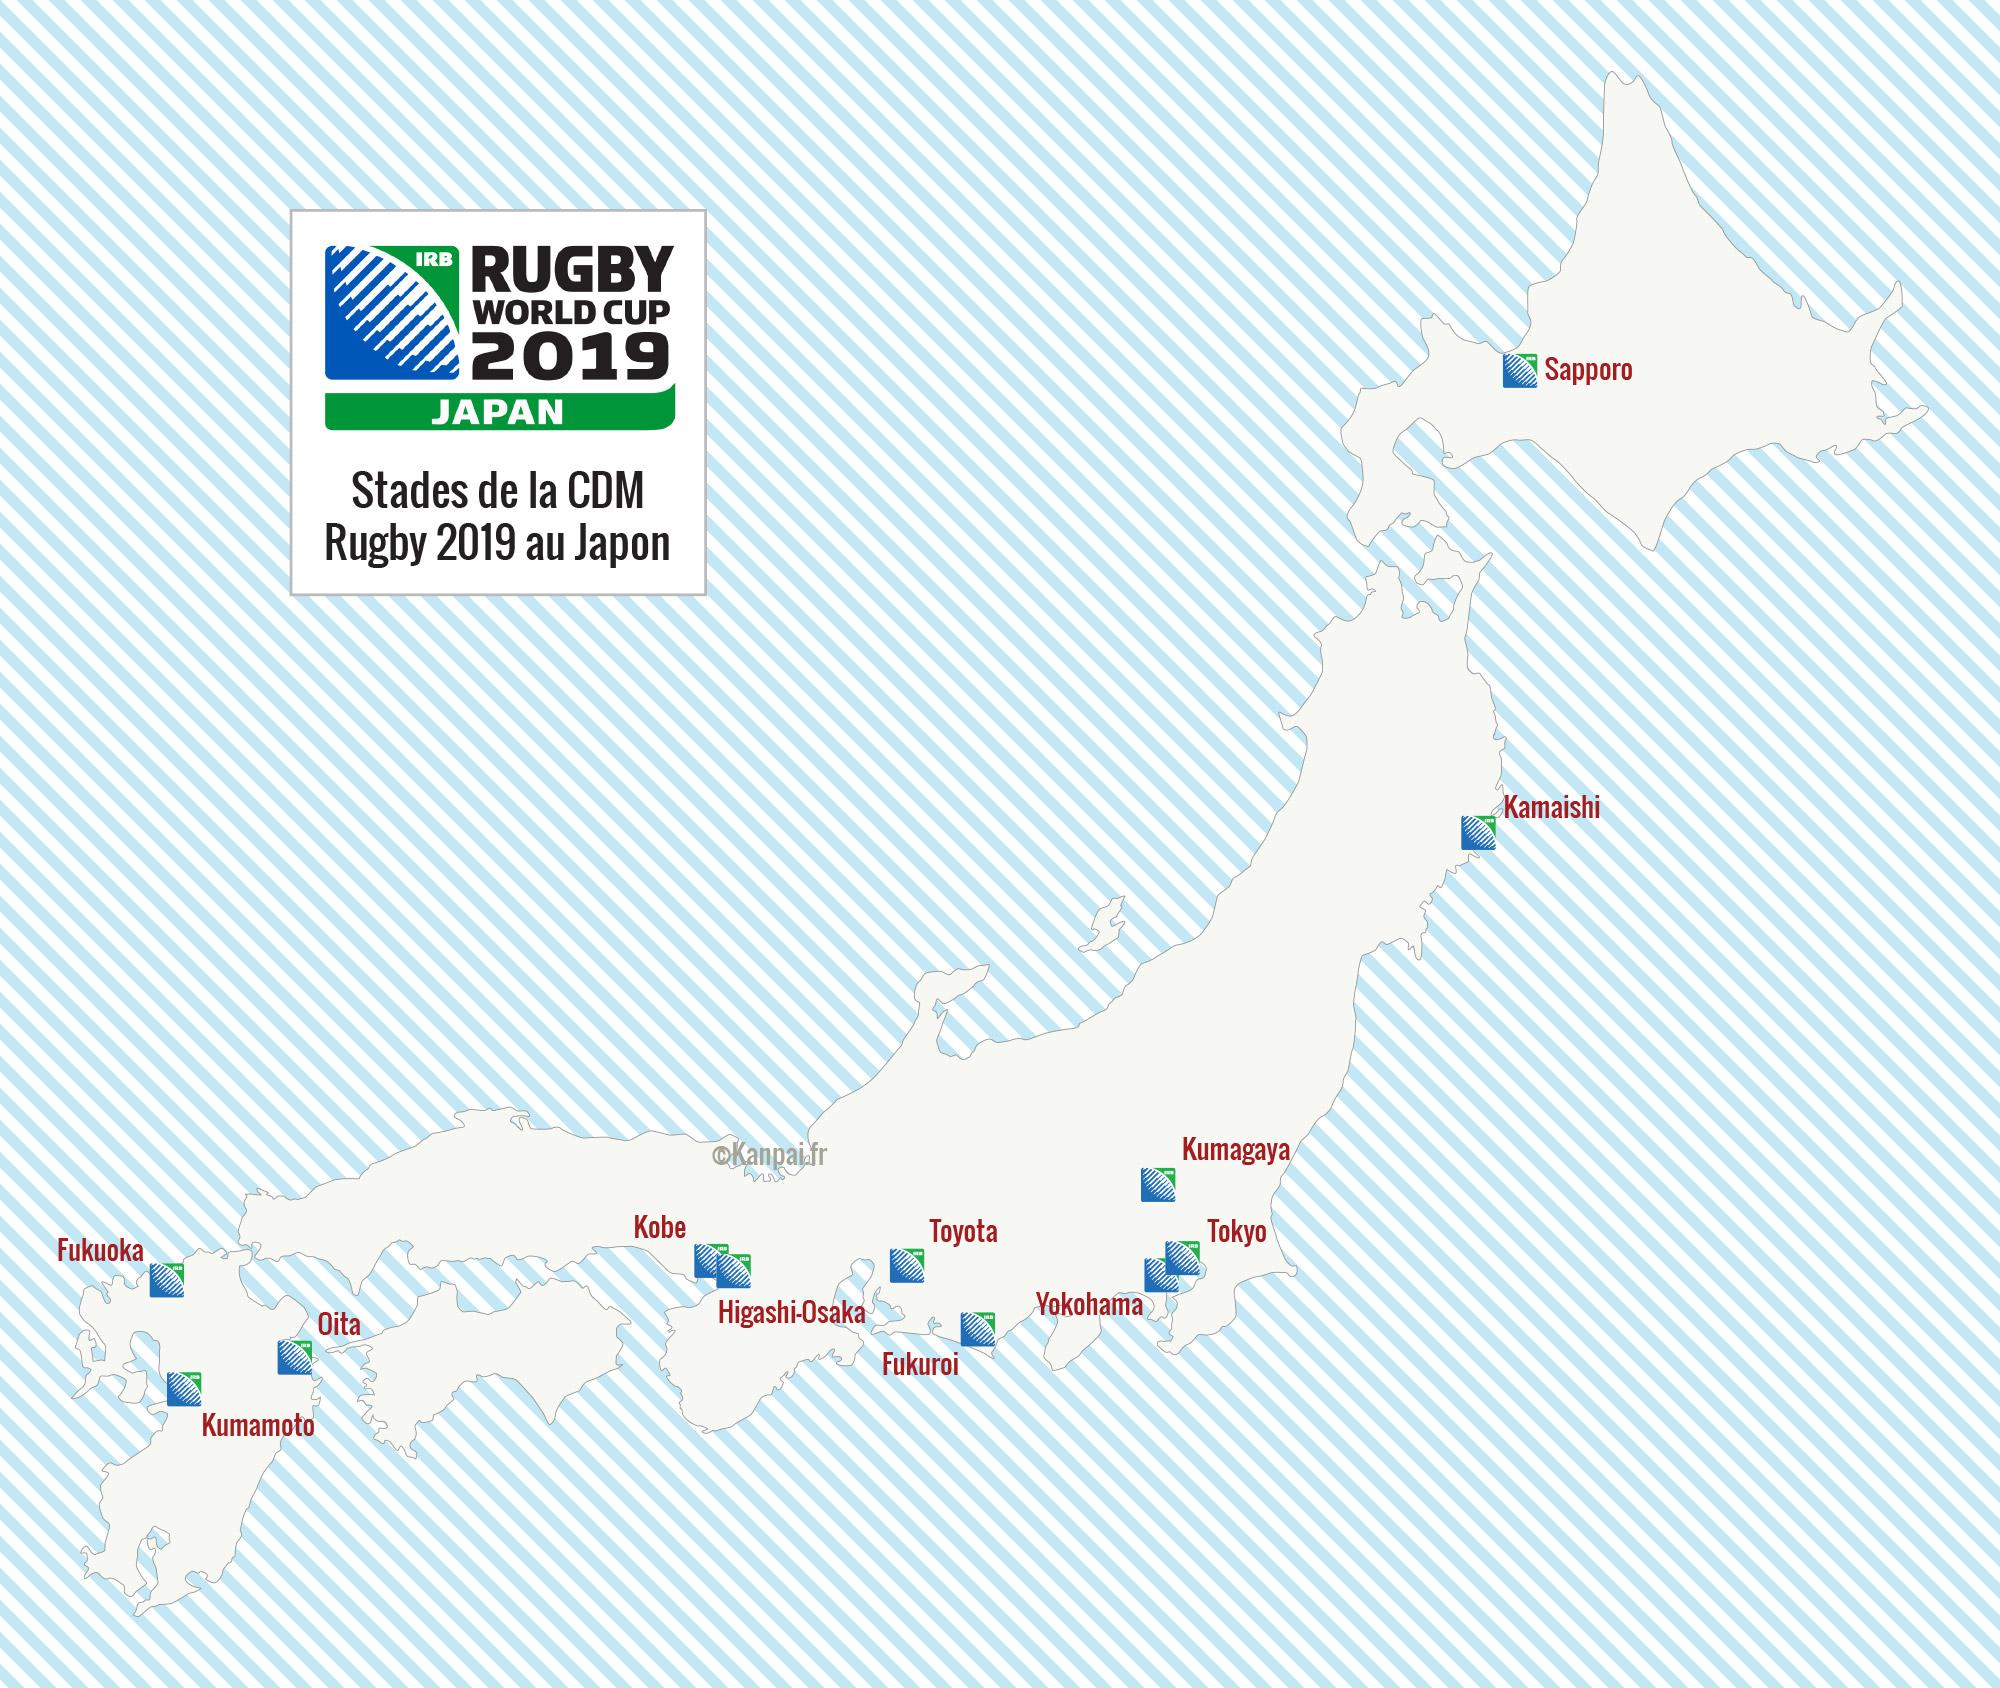 Coupe du monde de rugby 2015 rassure pour japon 2019 - Qui a gagner la coupe du monde de rugby 2015 ...